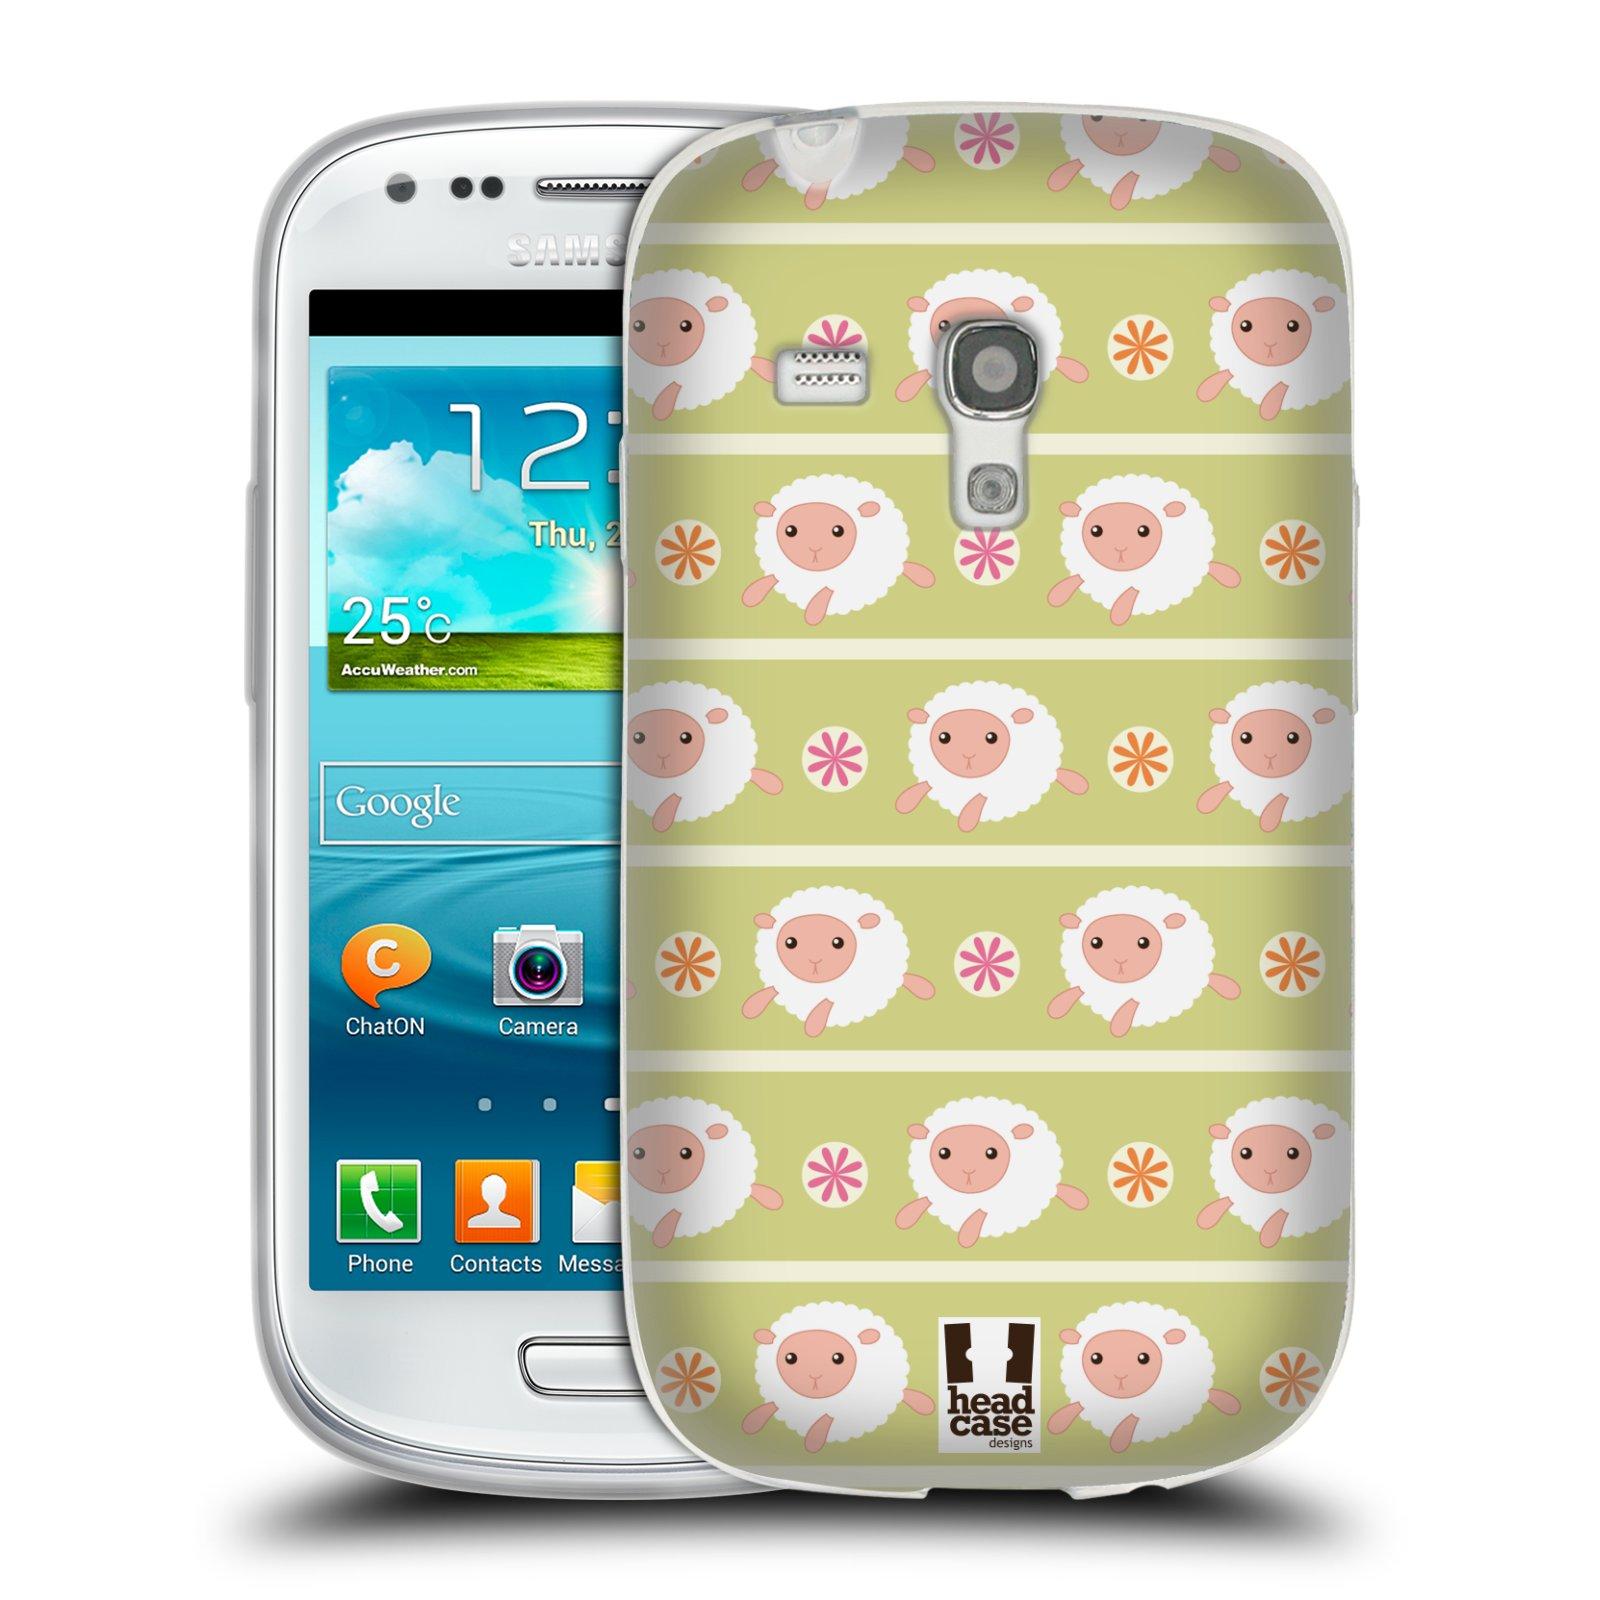 HEAD CASE silikonový obal na mobil Samsung Galaxy S3 MINI i8190 vzor roztomilé zvířecí vzory ovečky